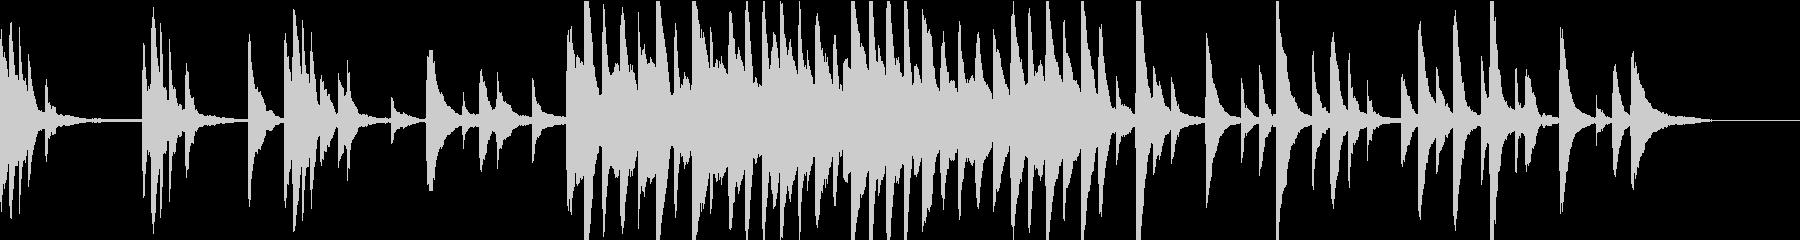 チルアウト 温もりと癒しのピアノ 映像等の未再生の波形